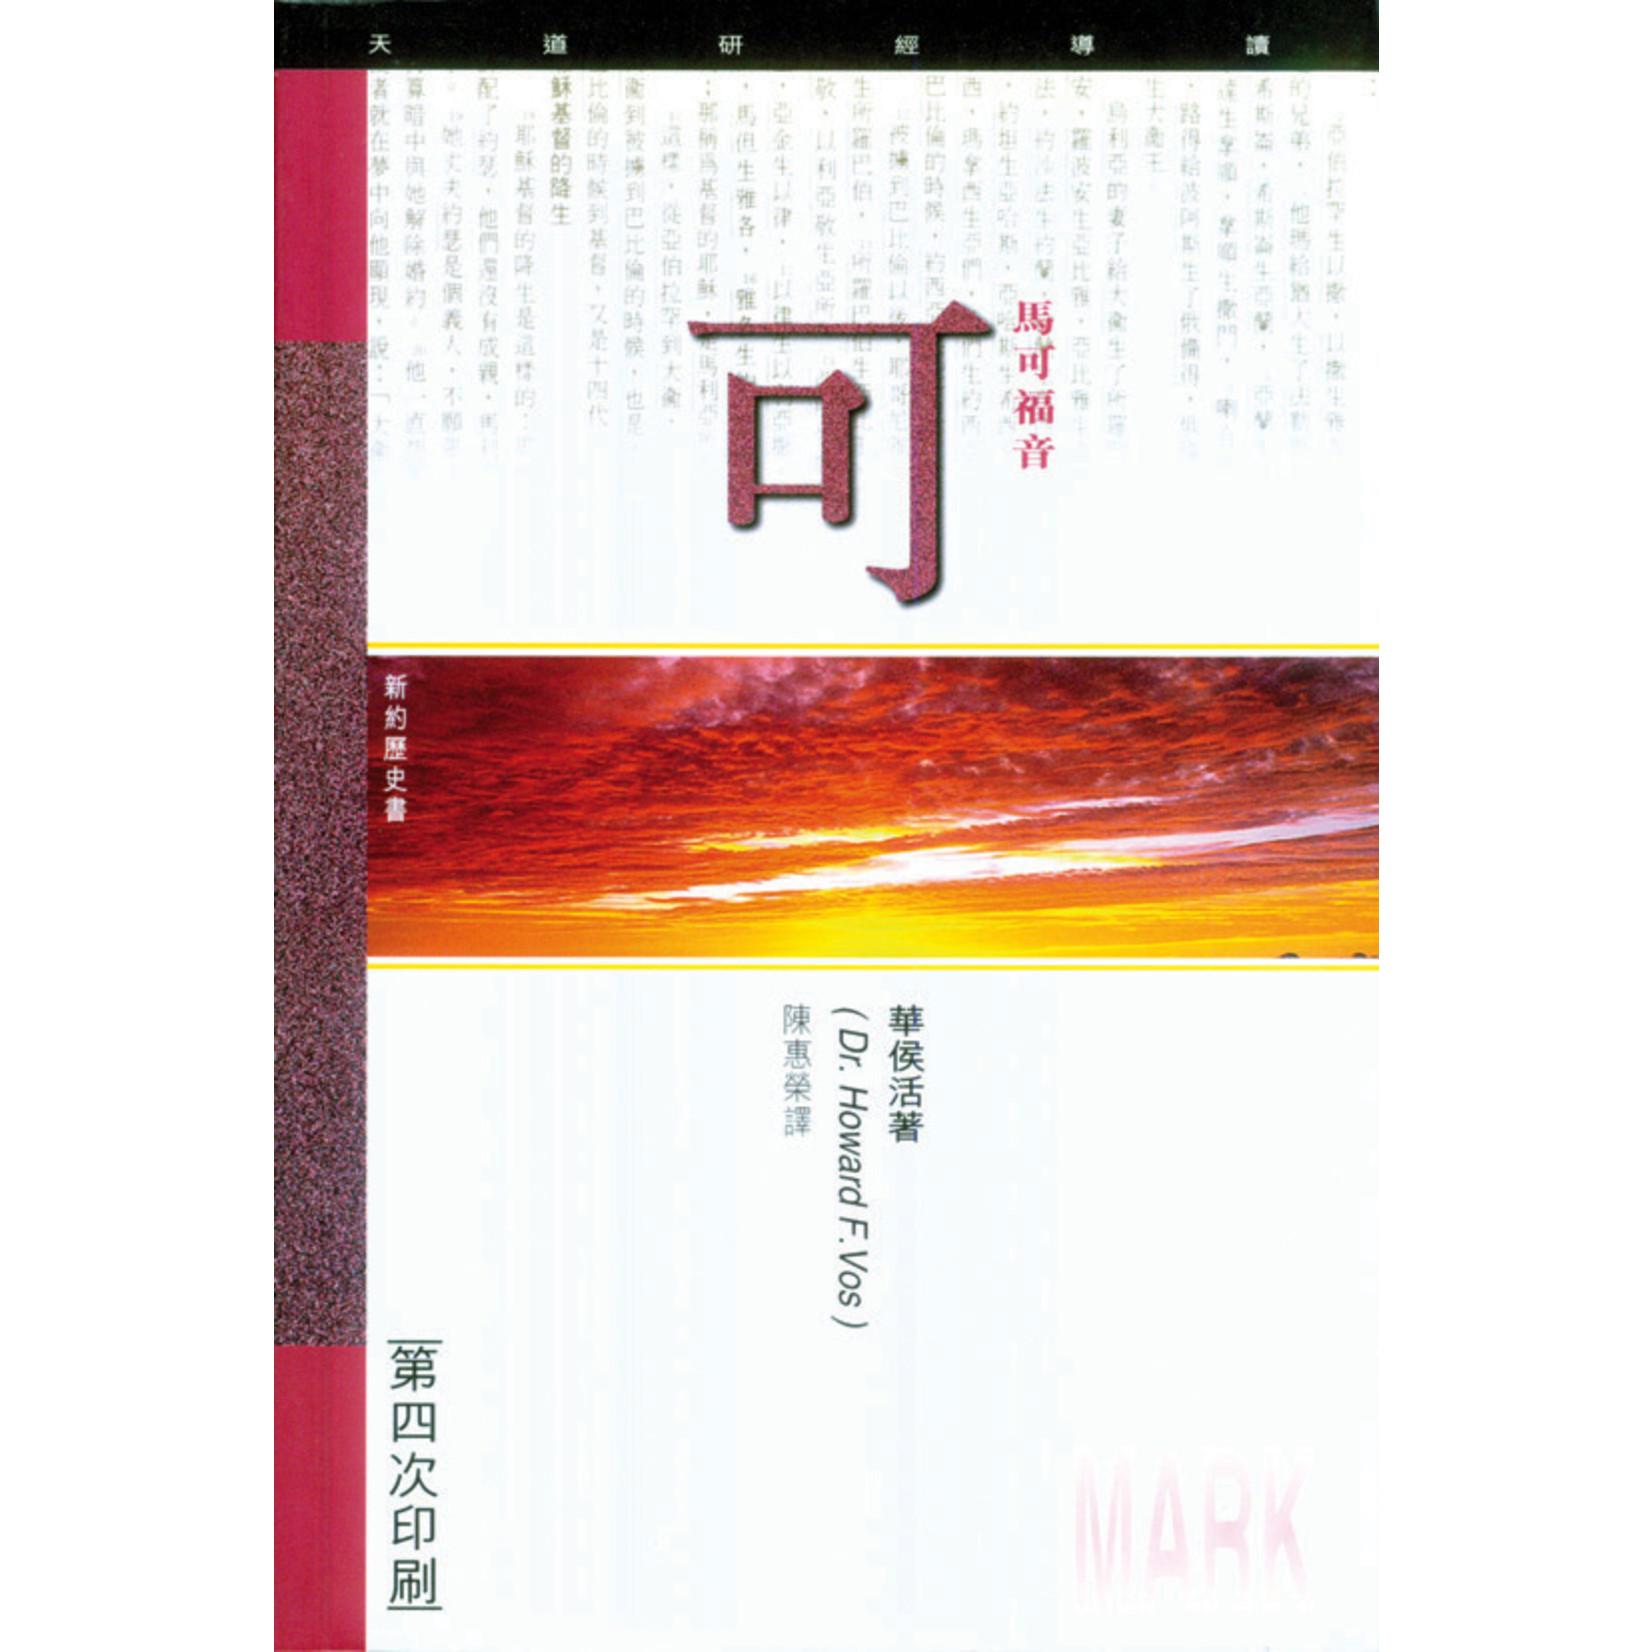 天道書樓 Tien Dao Publishing House 天道研經導讀:馬可福音